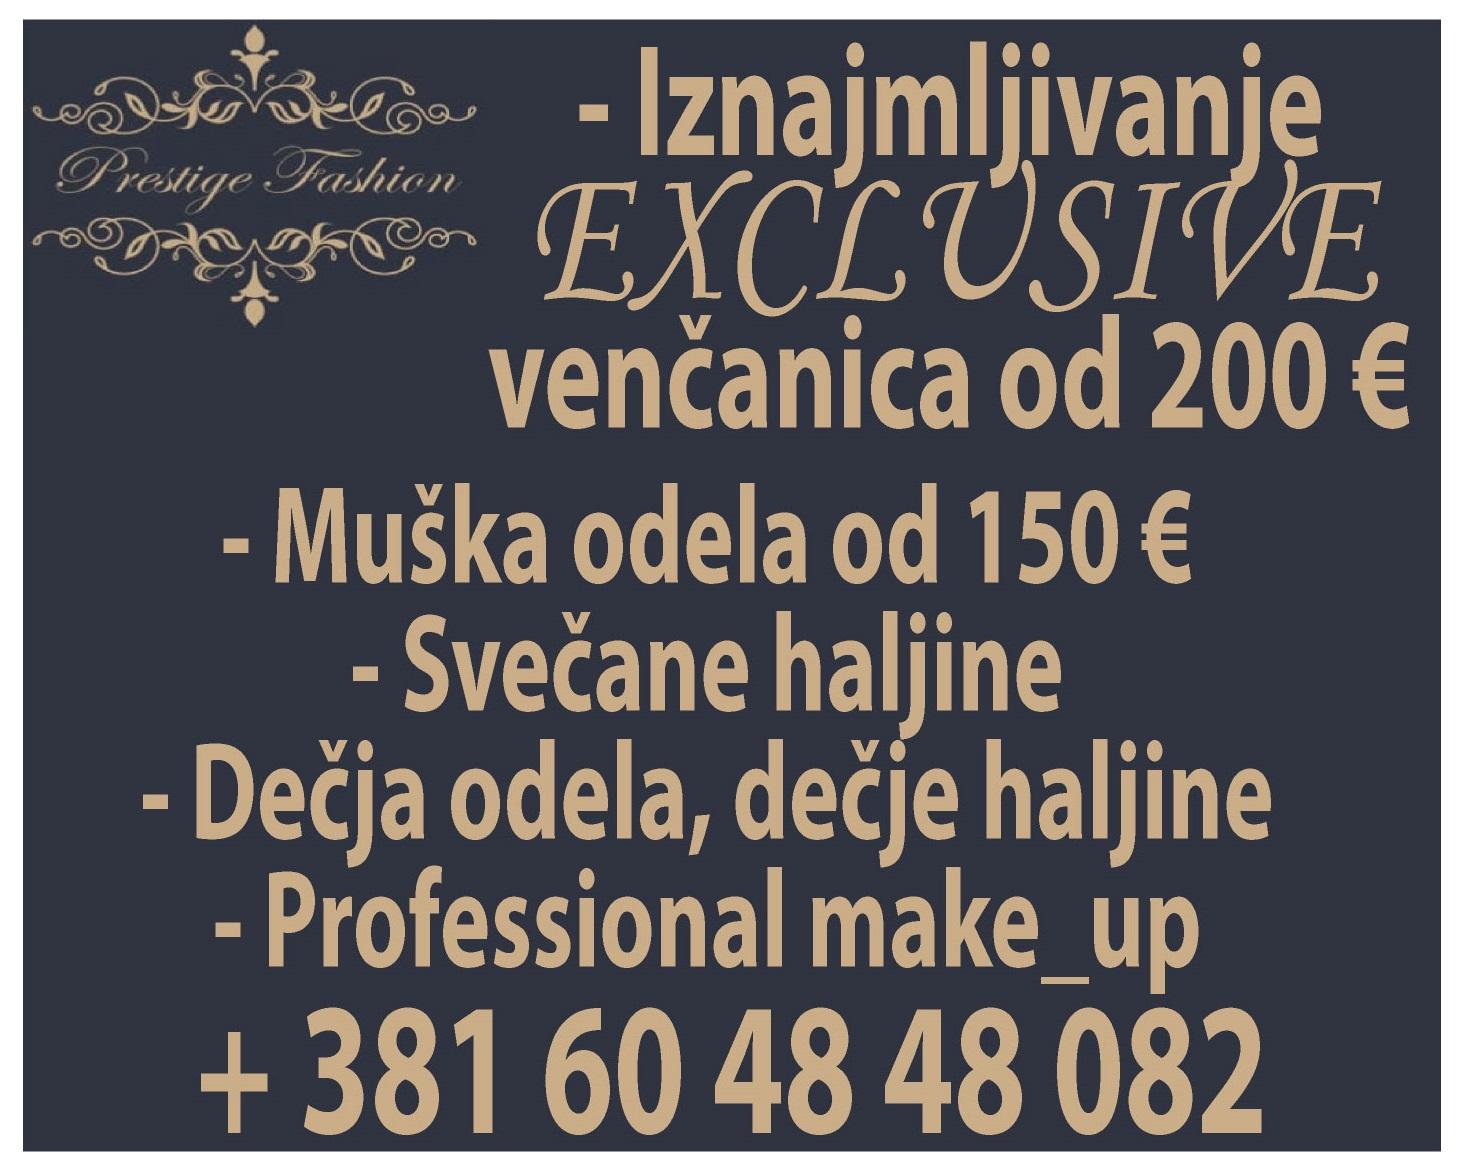 vencanice-prestige-obrenovac-beograd-iznajmljivanje-svadbe-prateca-oprema-haljine-decje-haljine-muska-odela-veselja-odeca-luxodeca-topdress-mojabaza-april2019